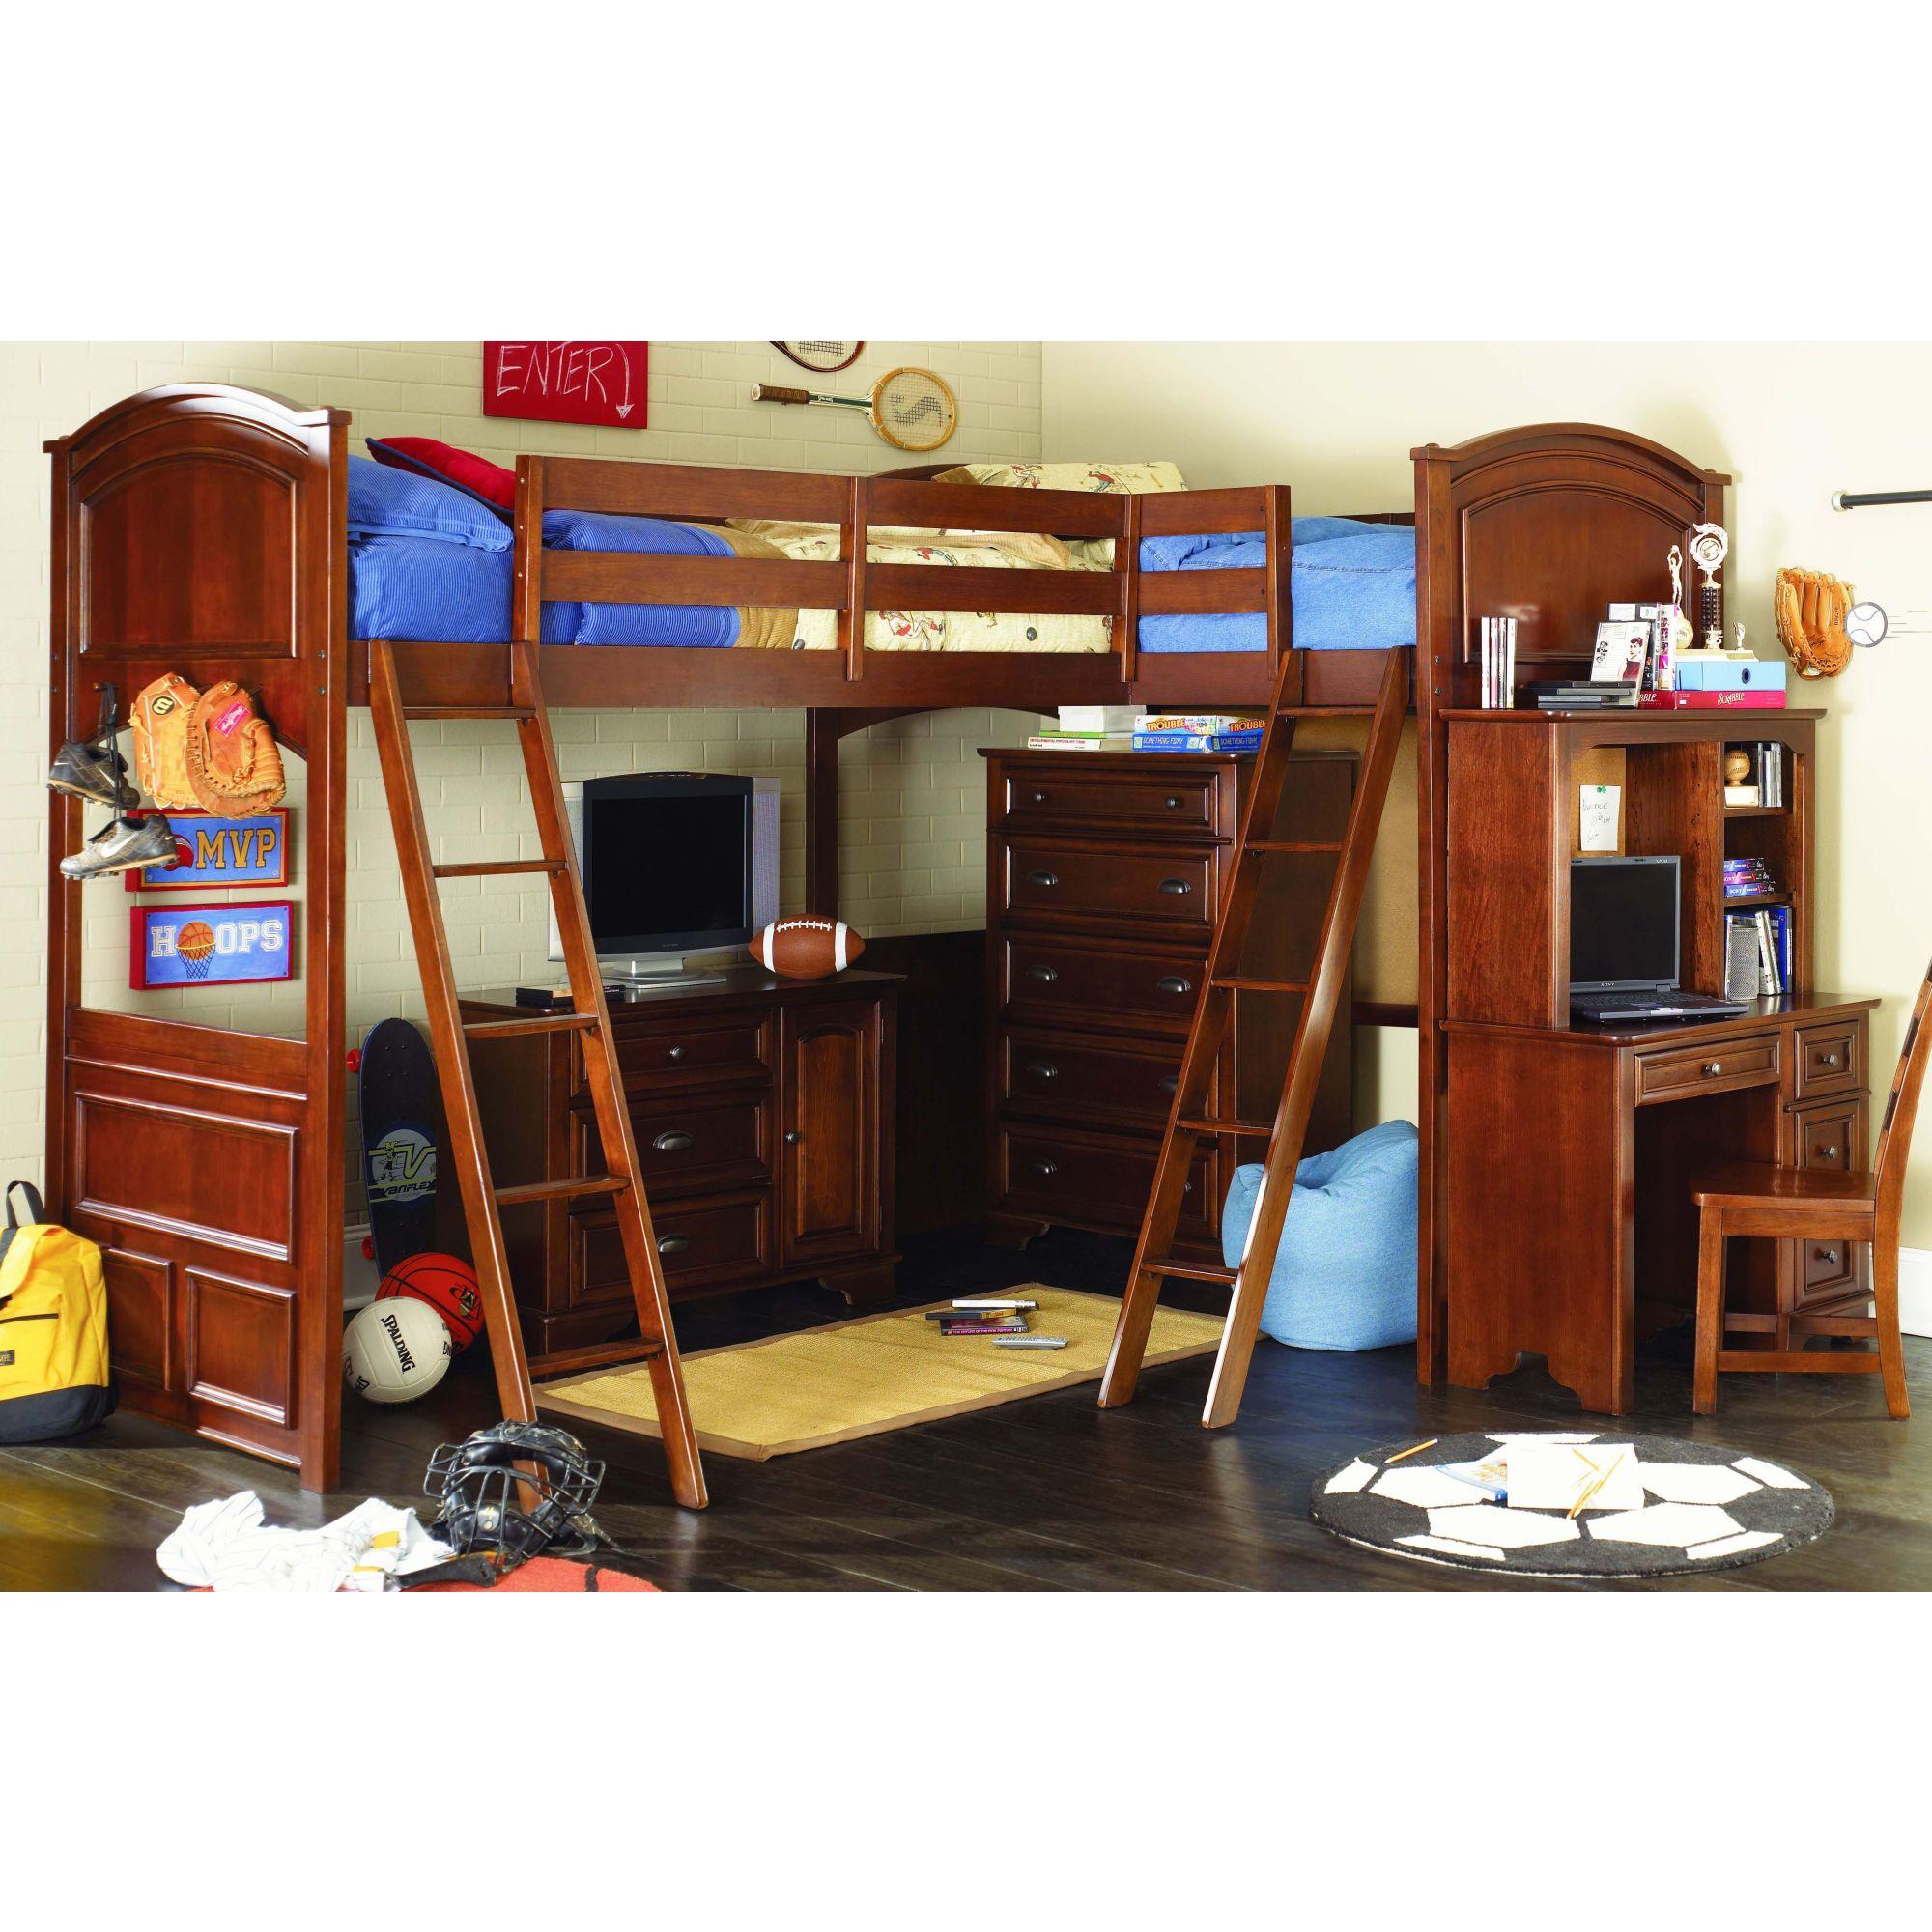 How fun a double loft bed  YirehuYtzel  Pinterest  Double loft